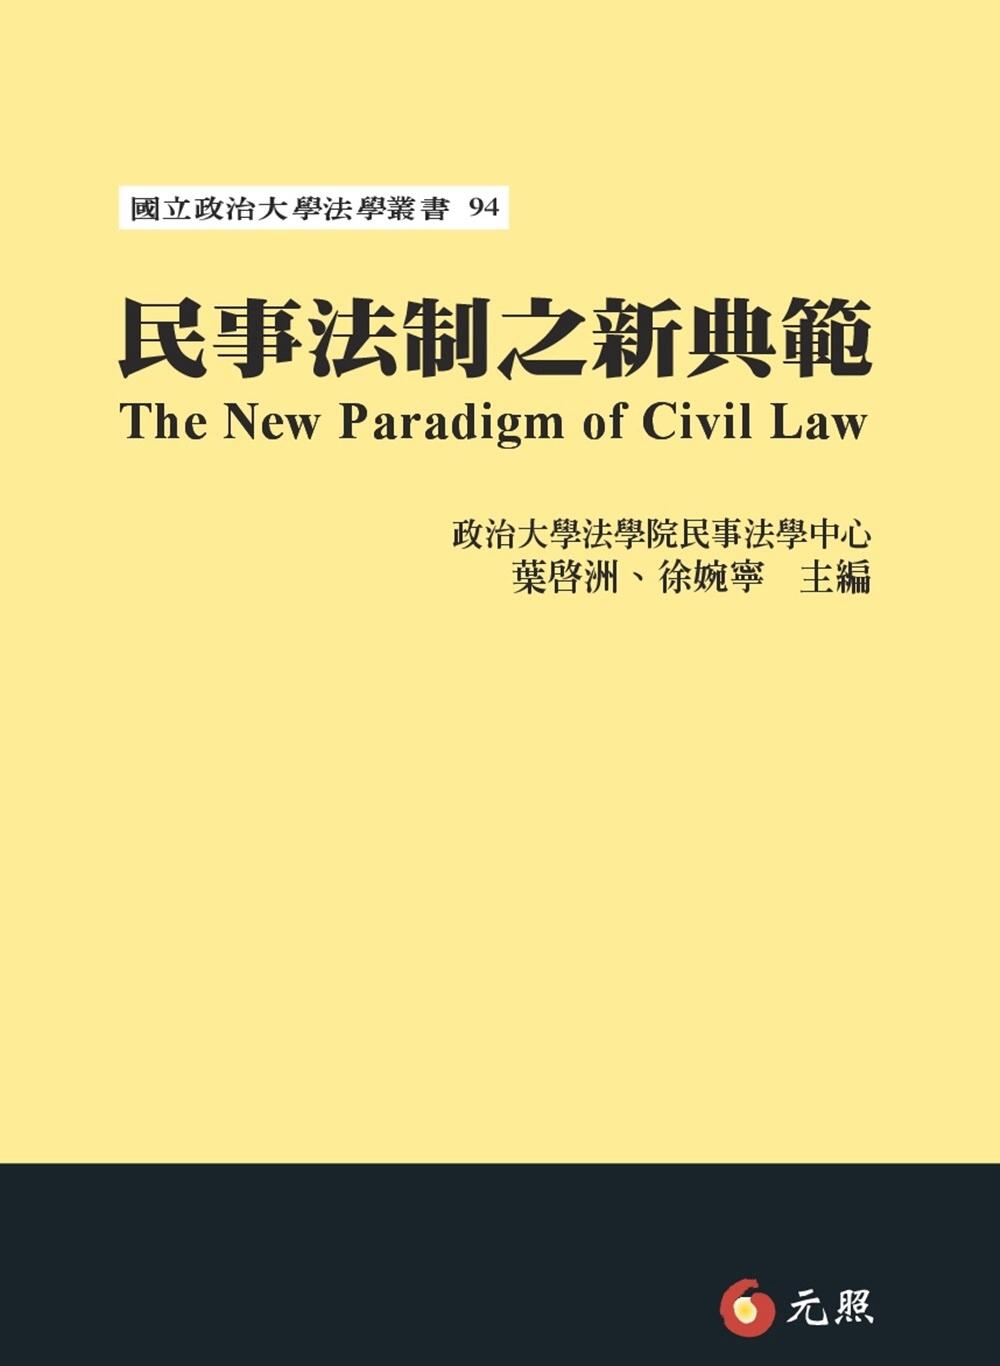 民事法制之新典範